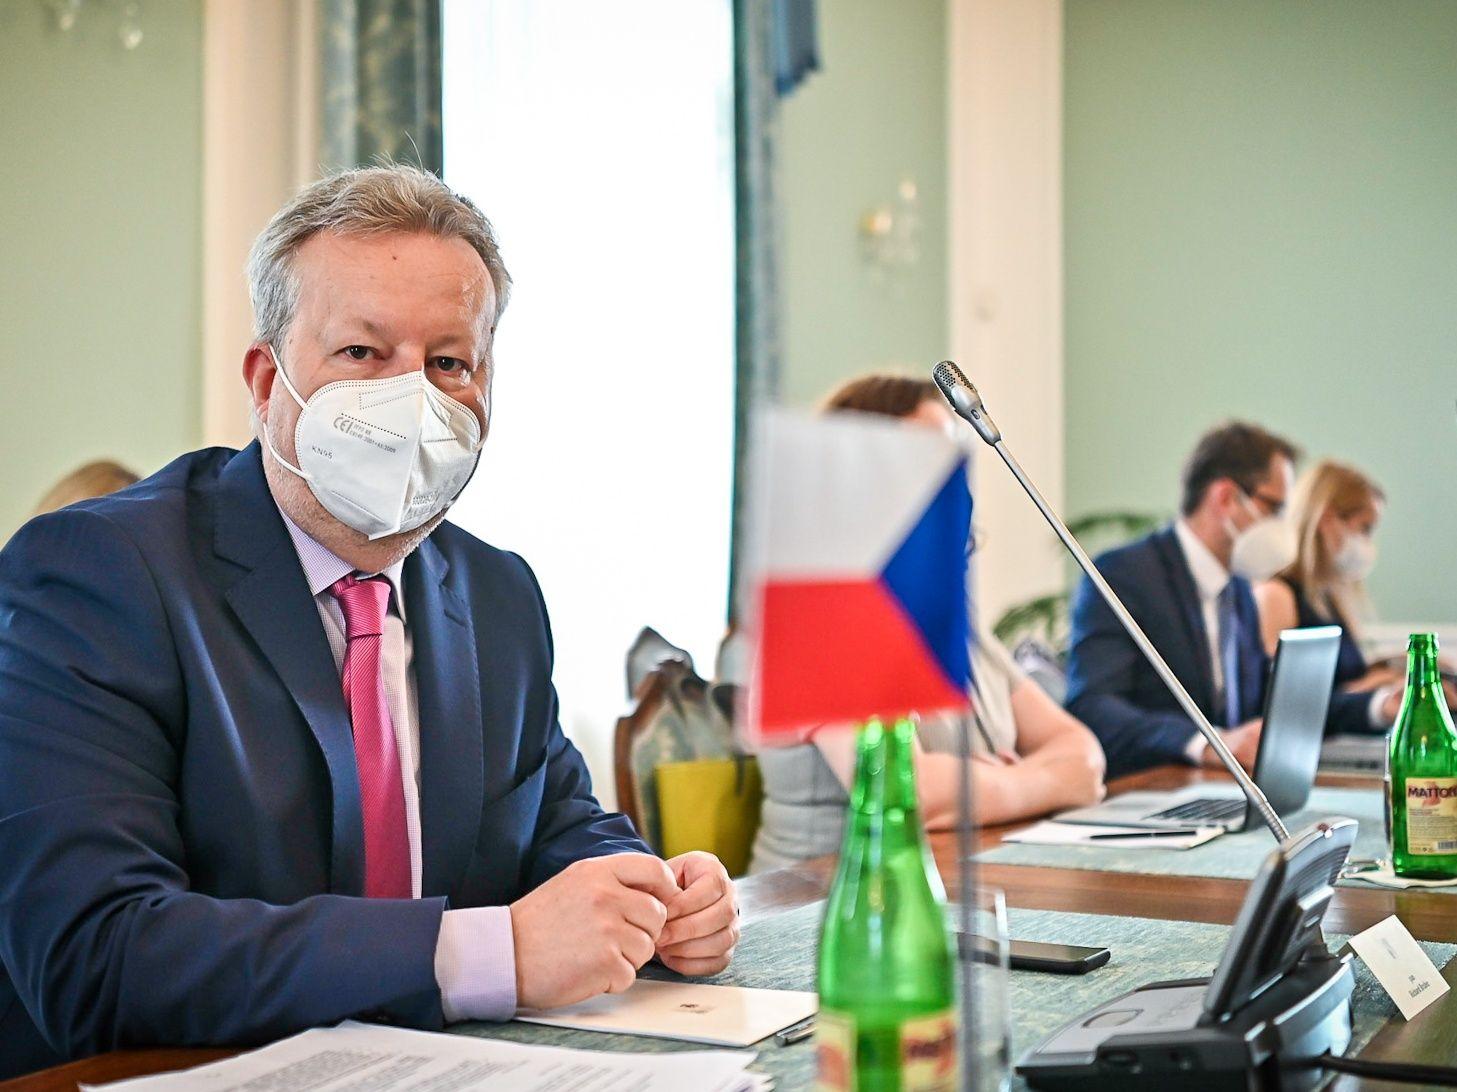 Jednání o mezivládní smlouvě k Turówu budou pokračovat, expertní týmy k dohodě zatím nedospěly